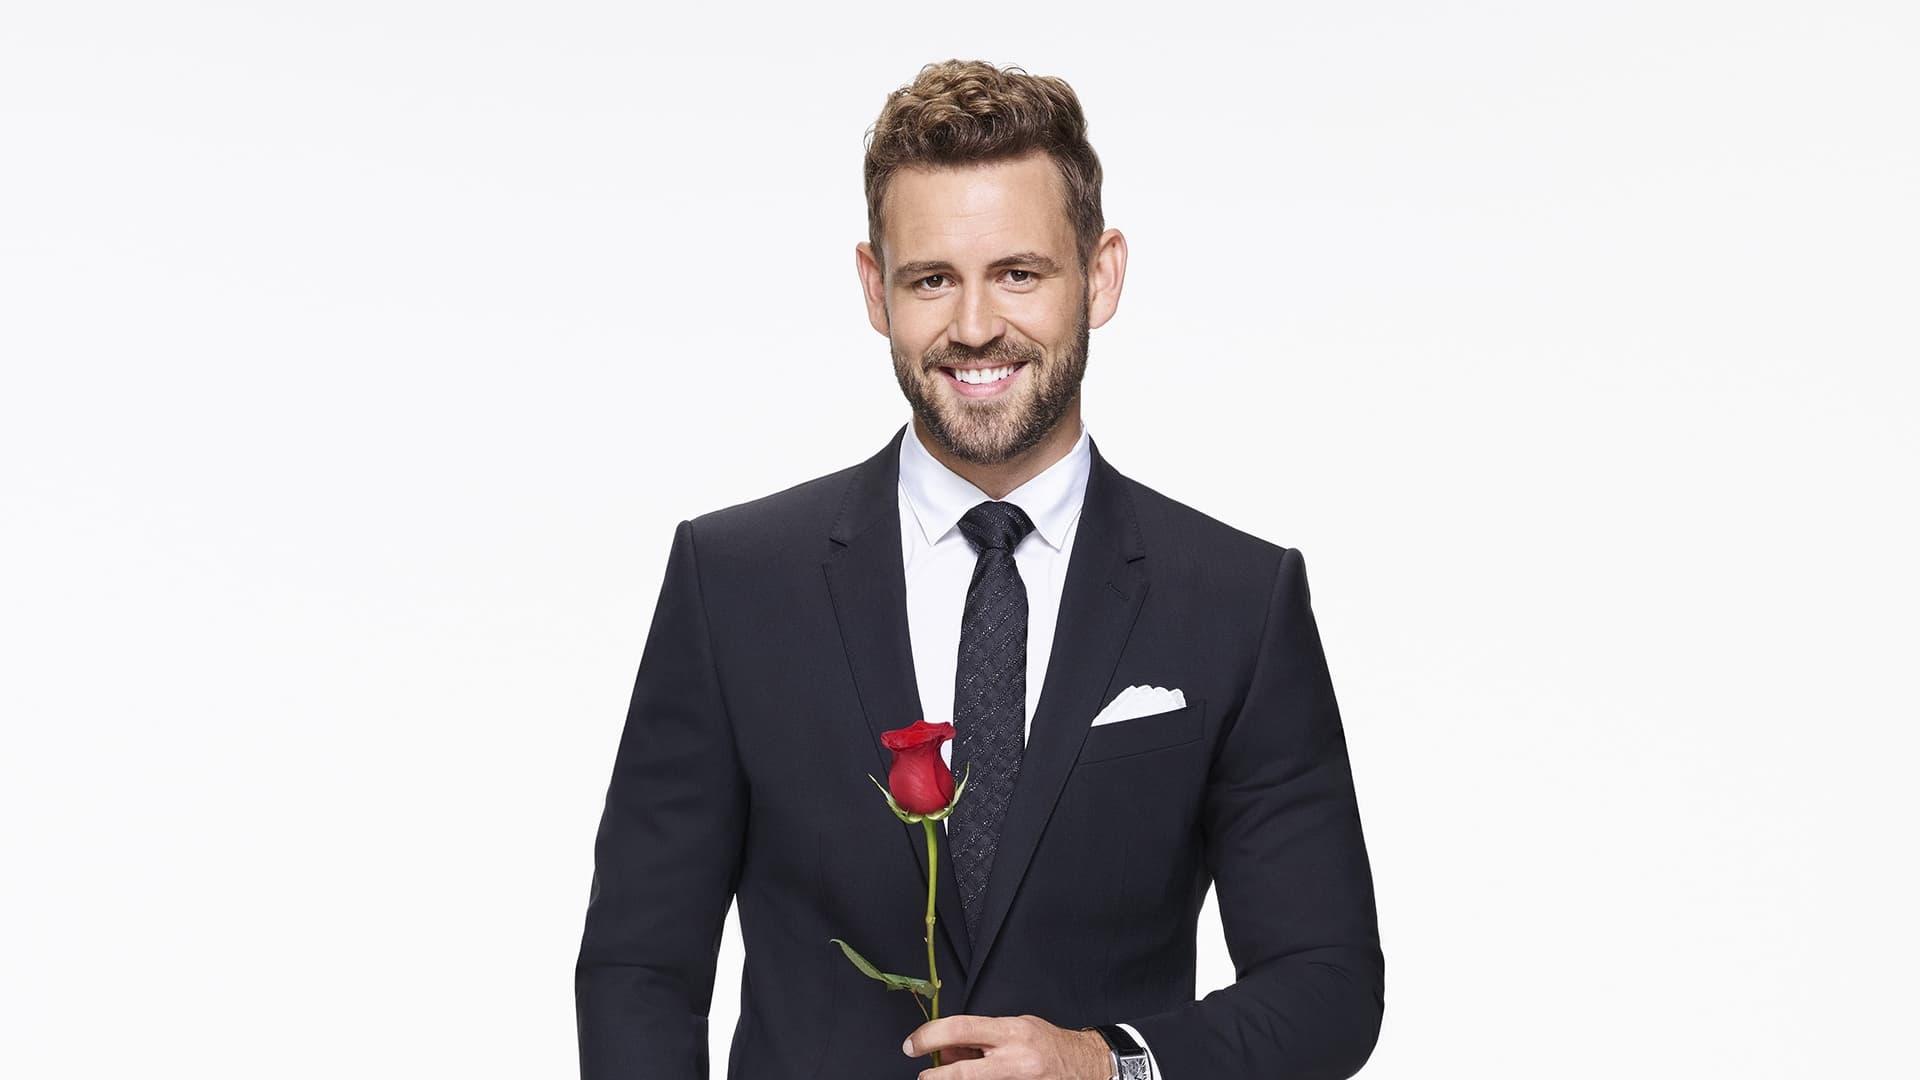 The Bachelor - Season 13